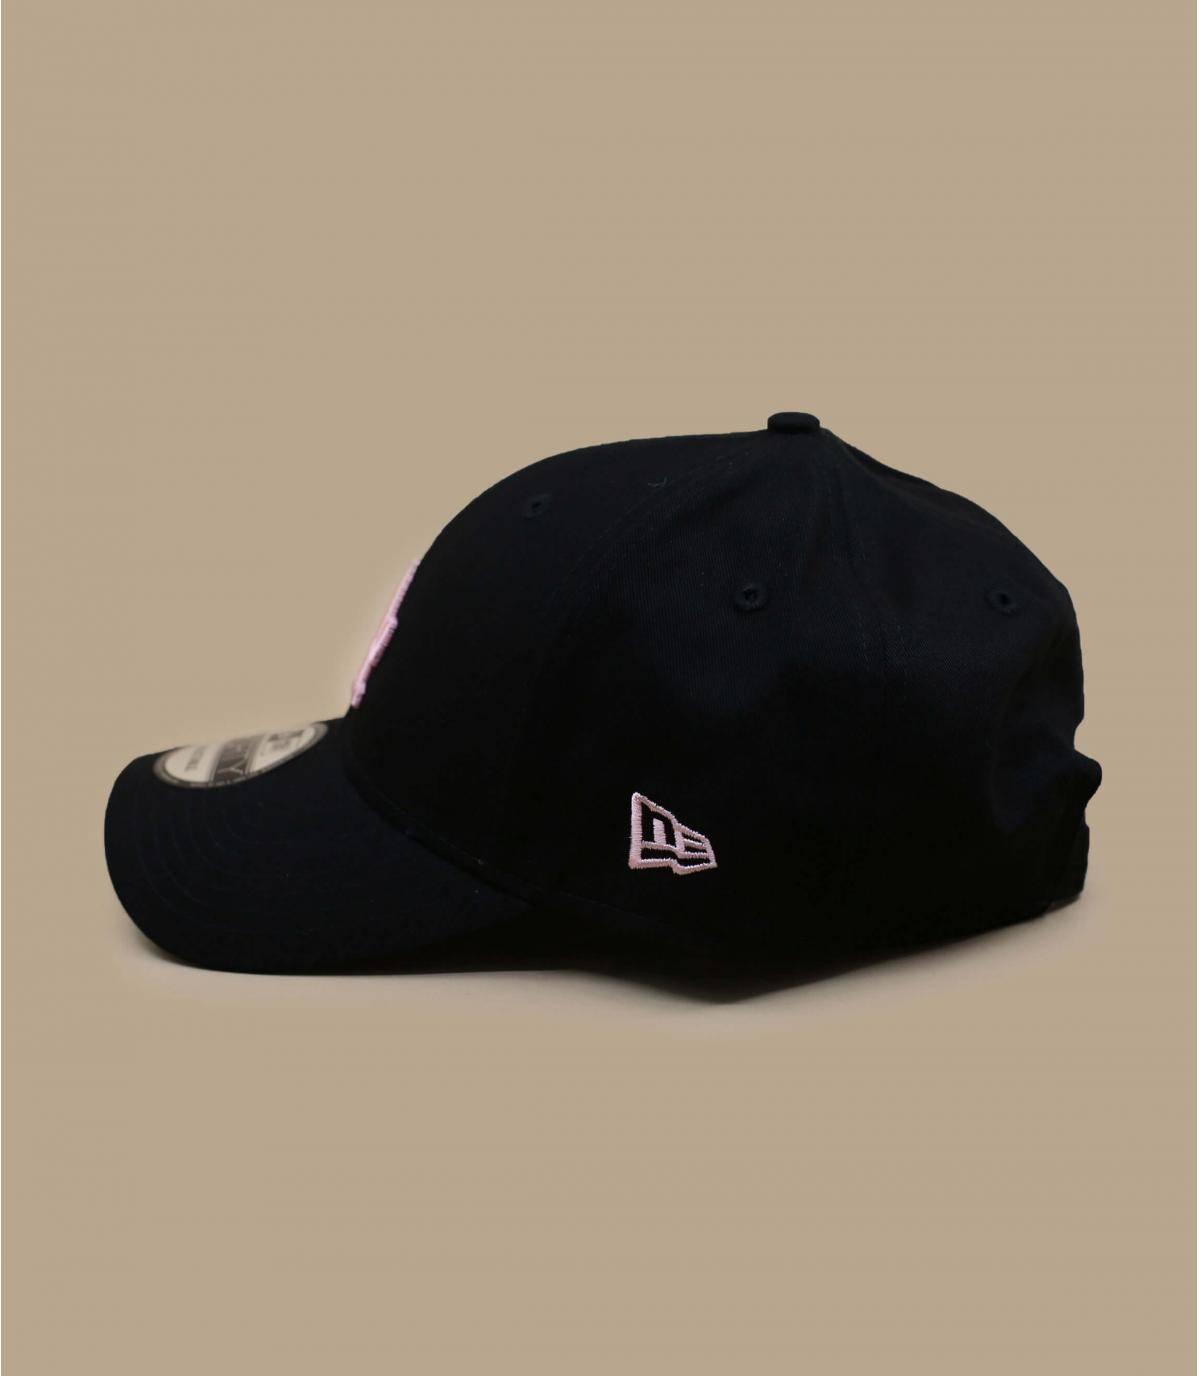 Detalles League Ess 940 LA black pink imagen 3